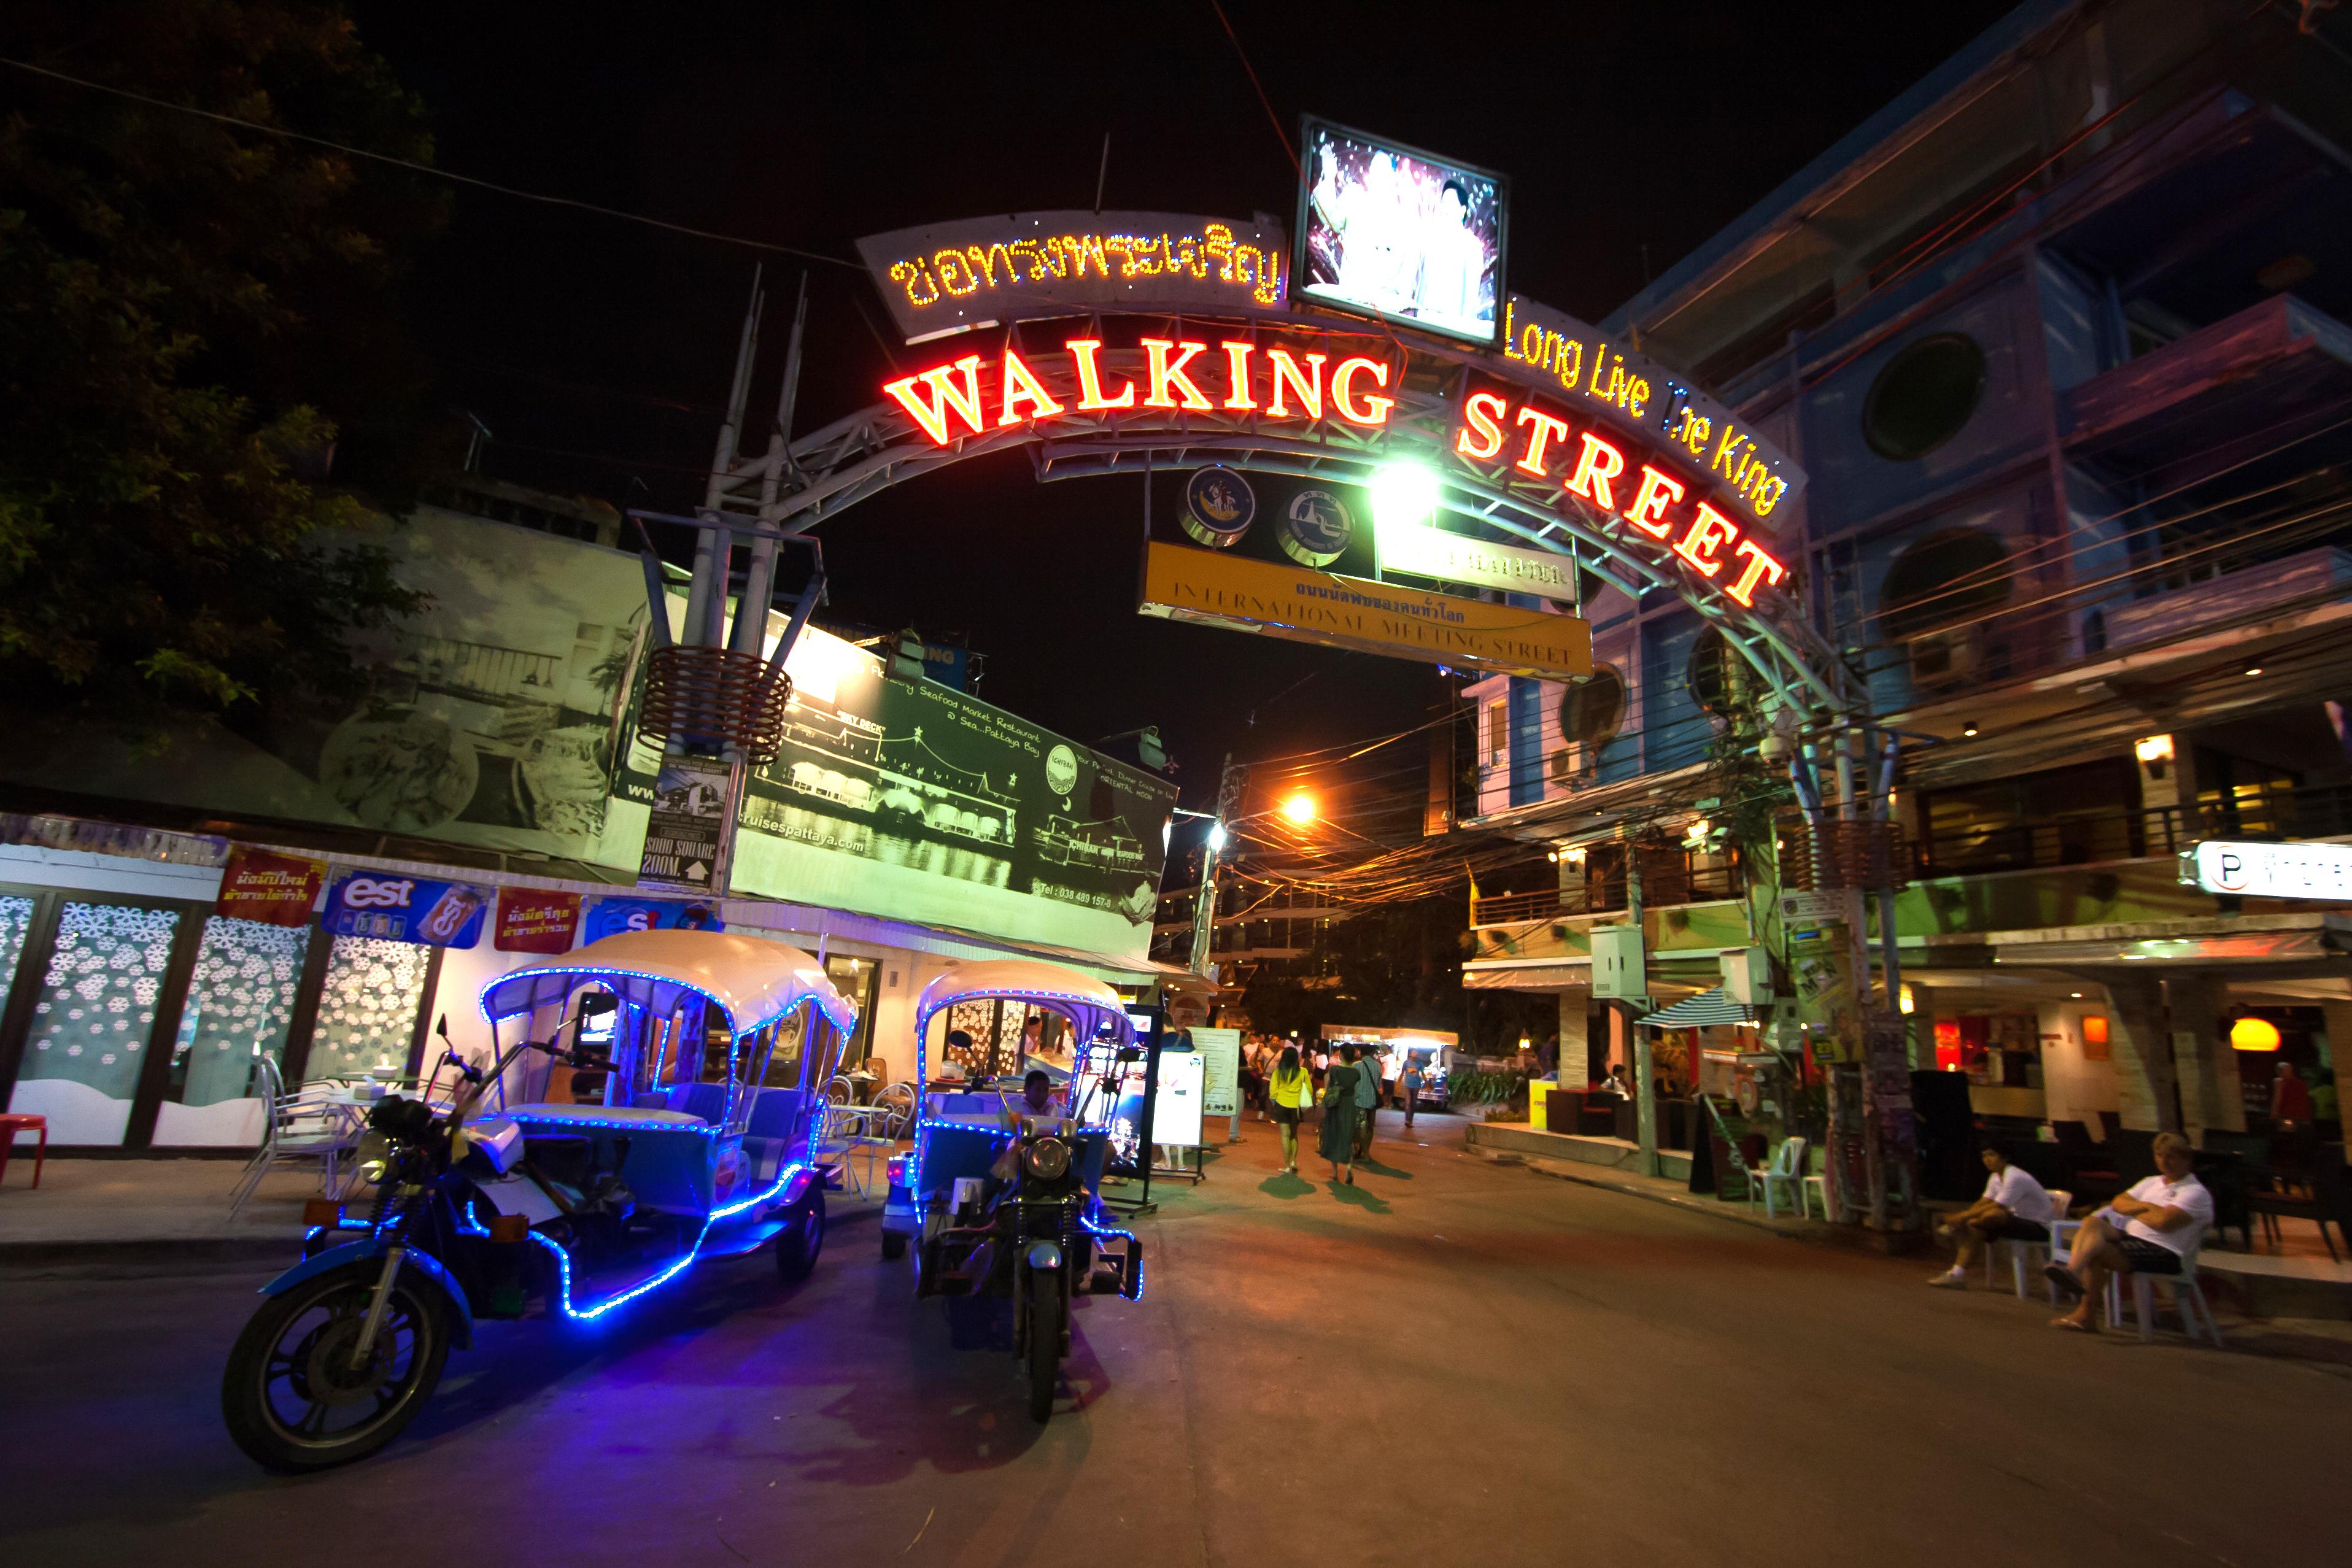 Walking street_Shuterstock